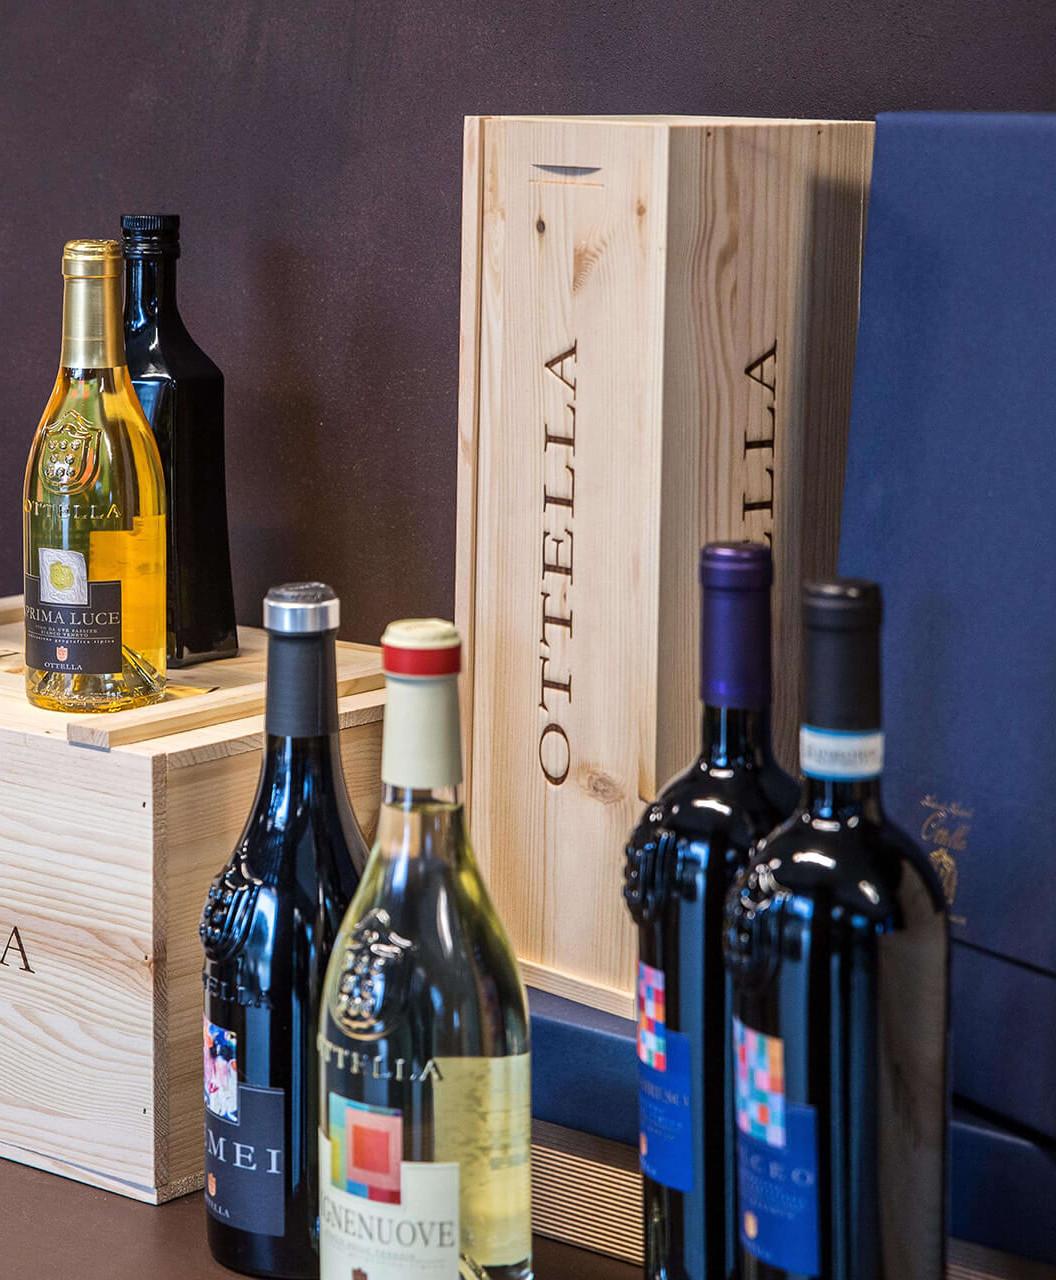 Wijnen uit Lugana - Ottella Wijnmakerij